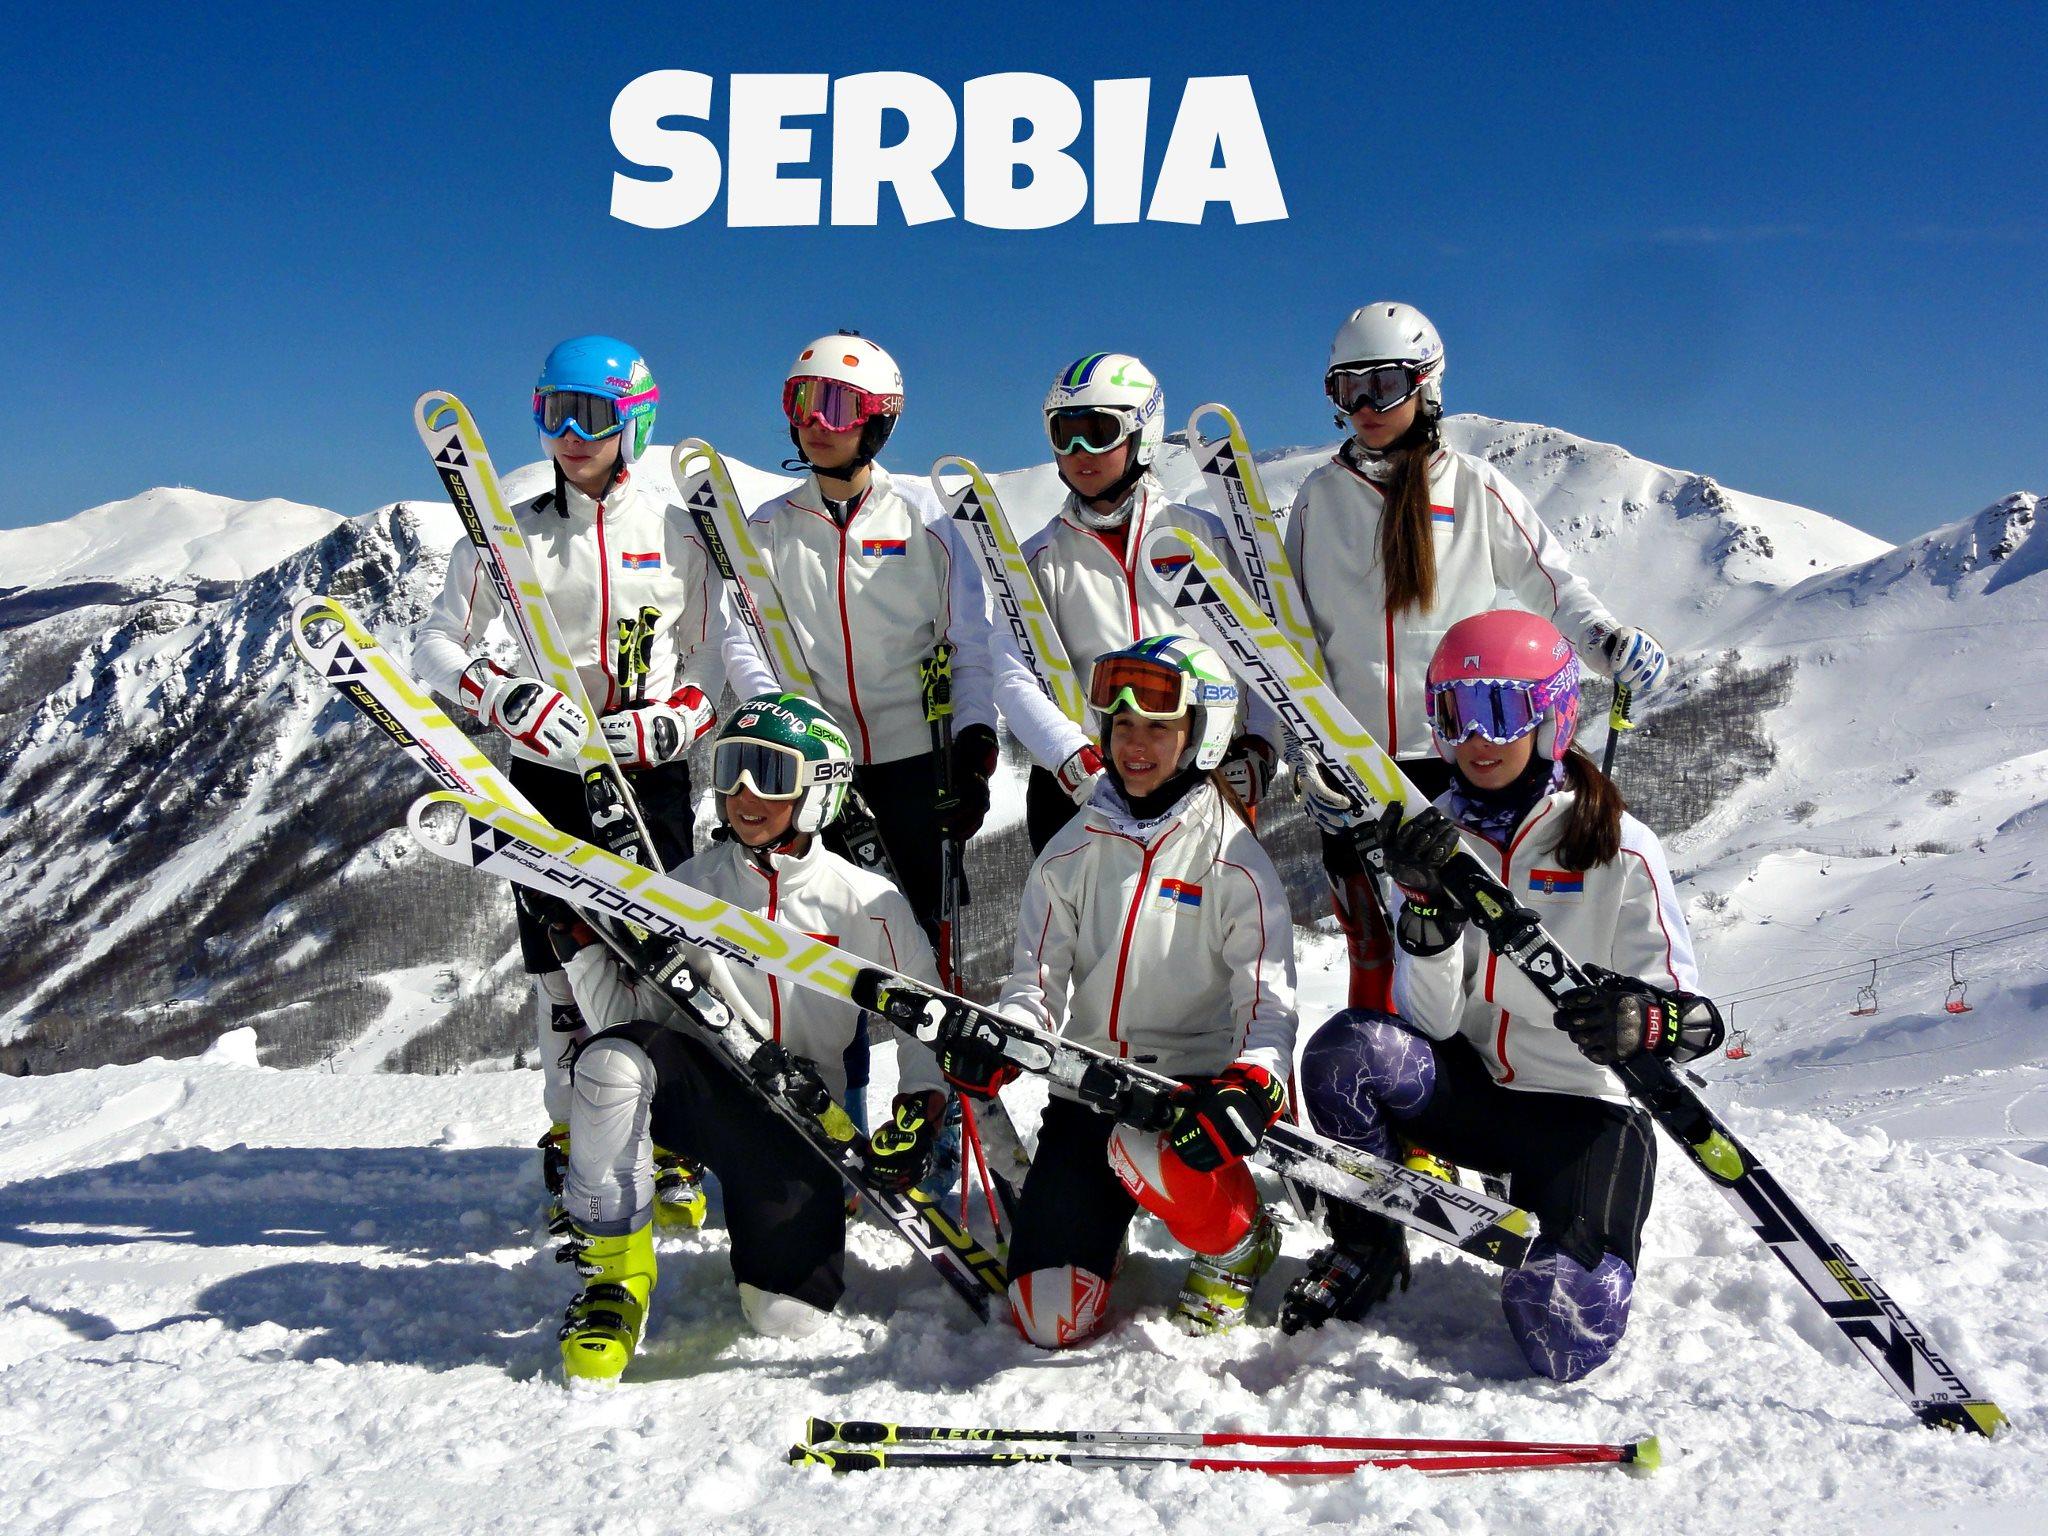 Serbia-Ses-Ski